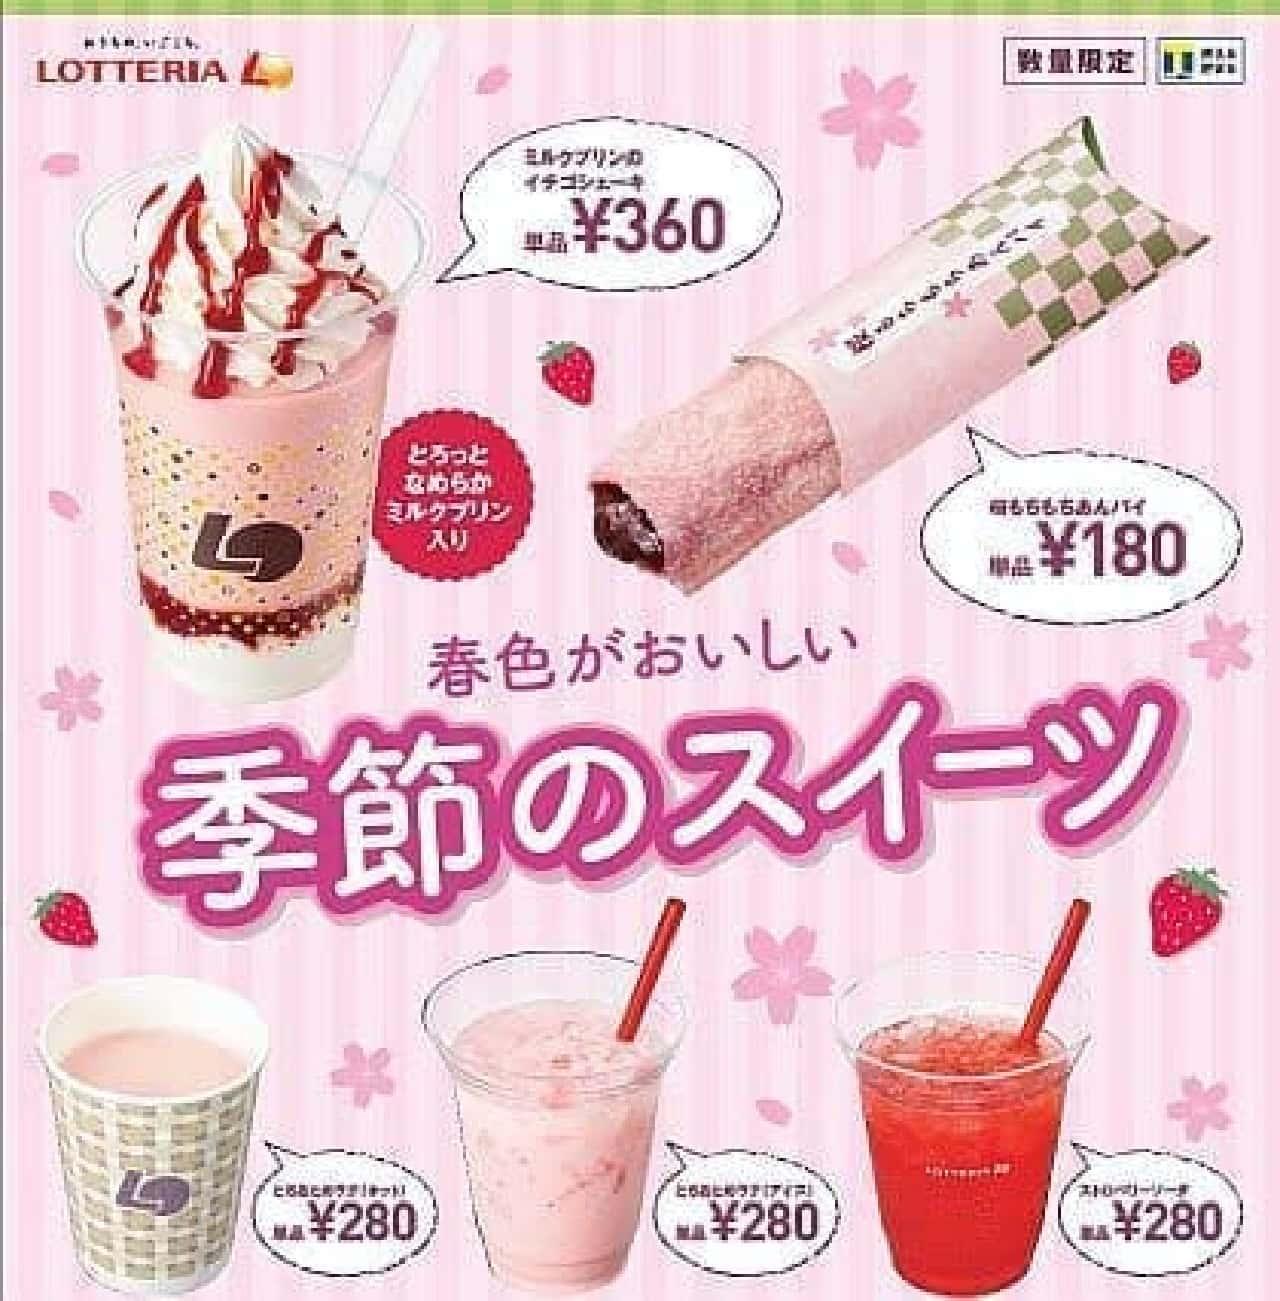 ロッテリア「桜もちもちあんパイ」や「ミルクプリンのイチゴシェーキ」